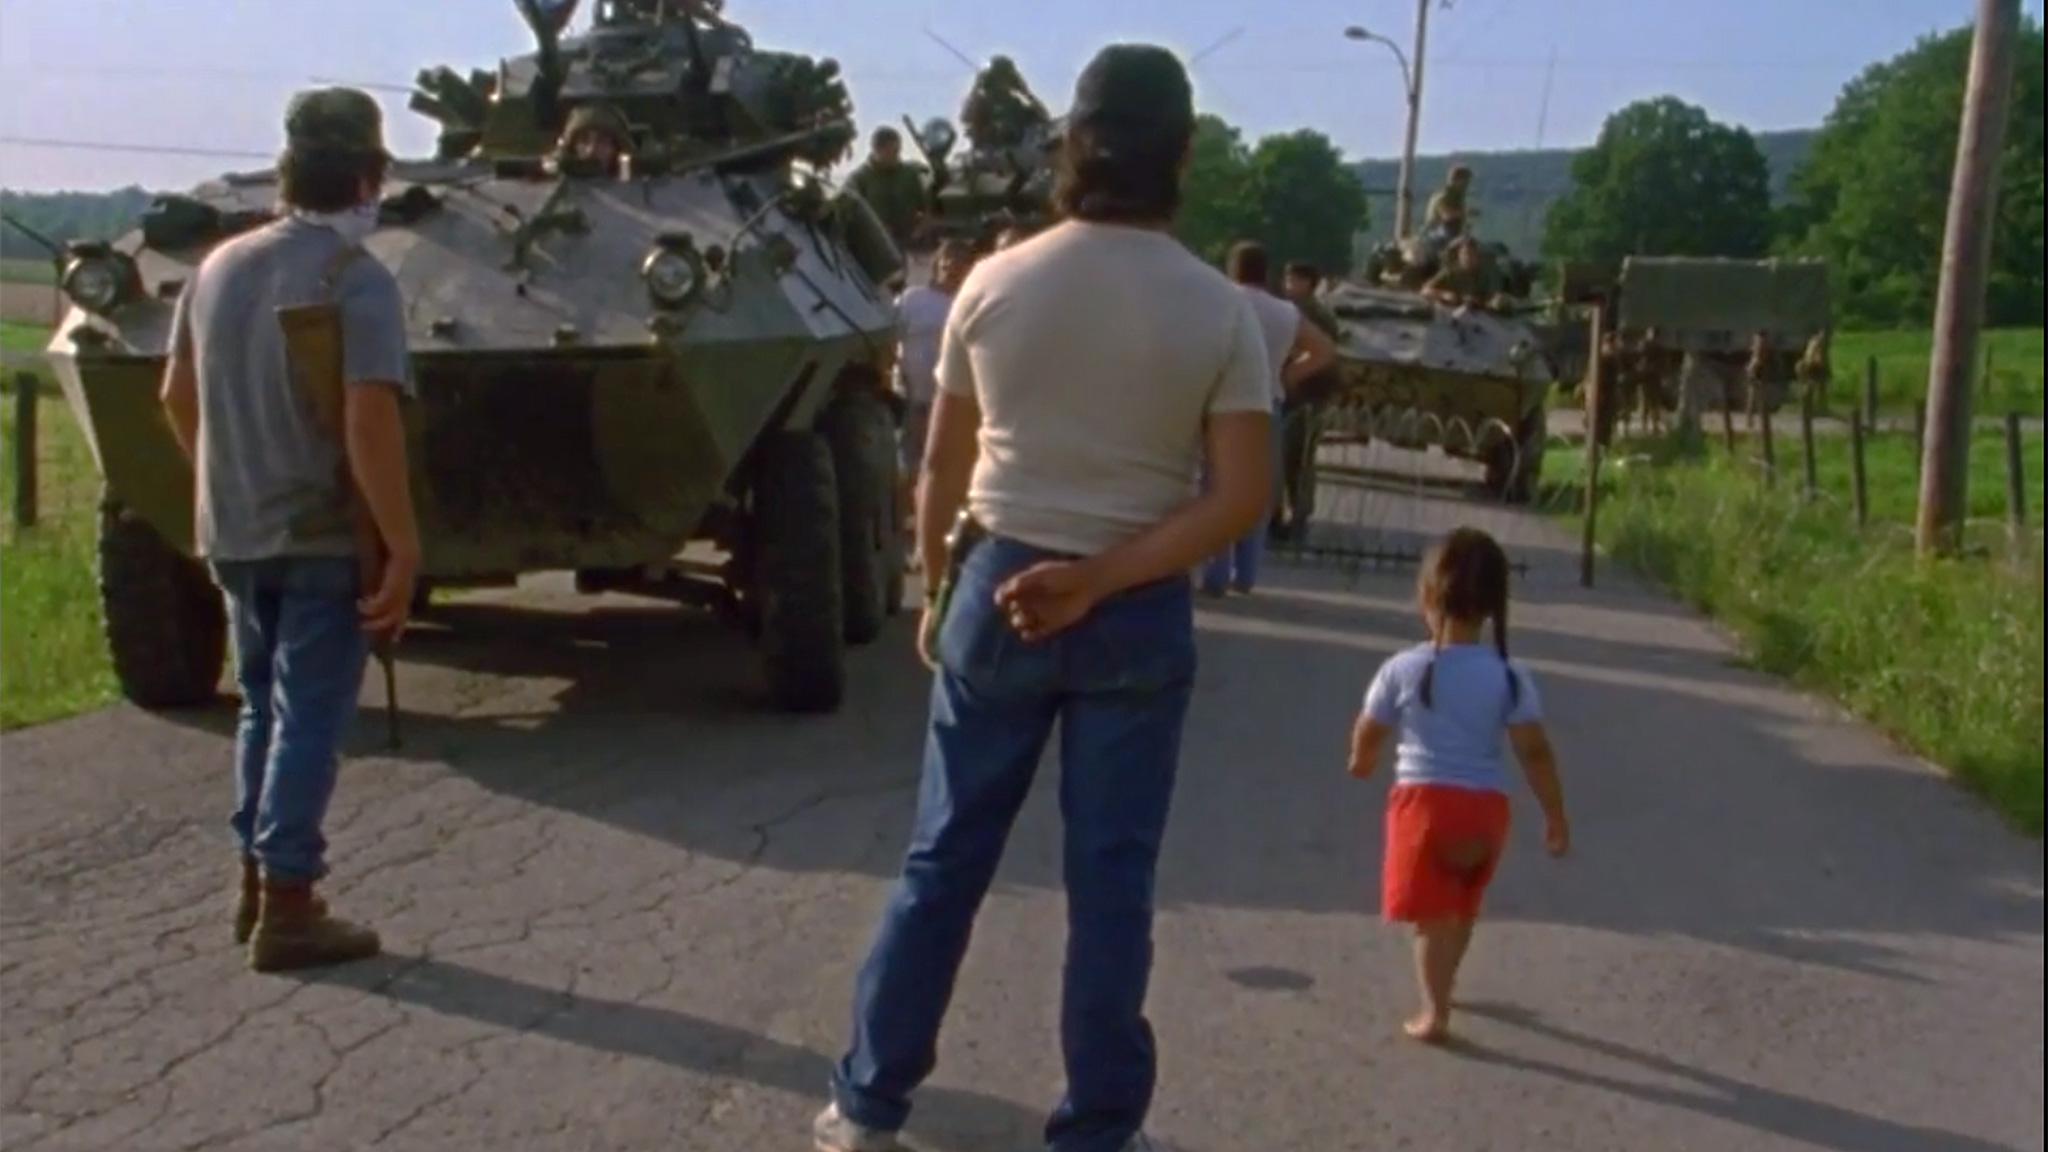 La crise d'Oka et la résistance mohawk, trente ans plus tard | Perspective du conservateur